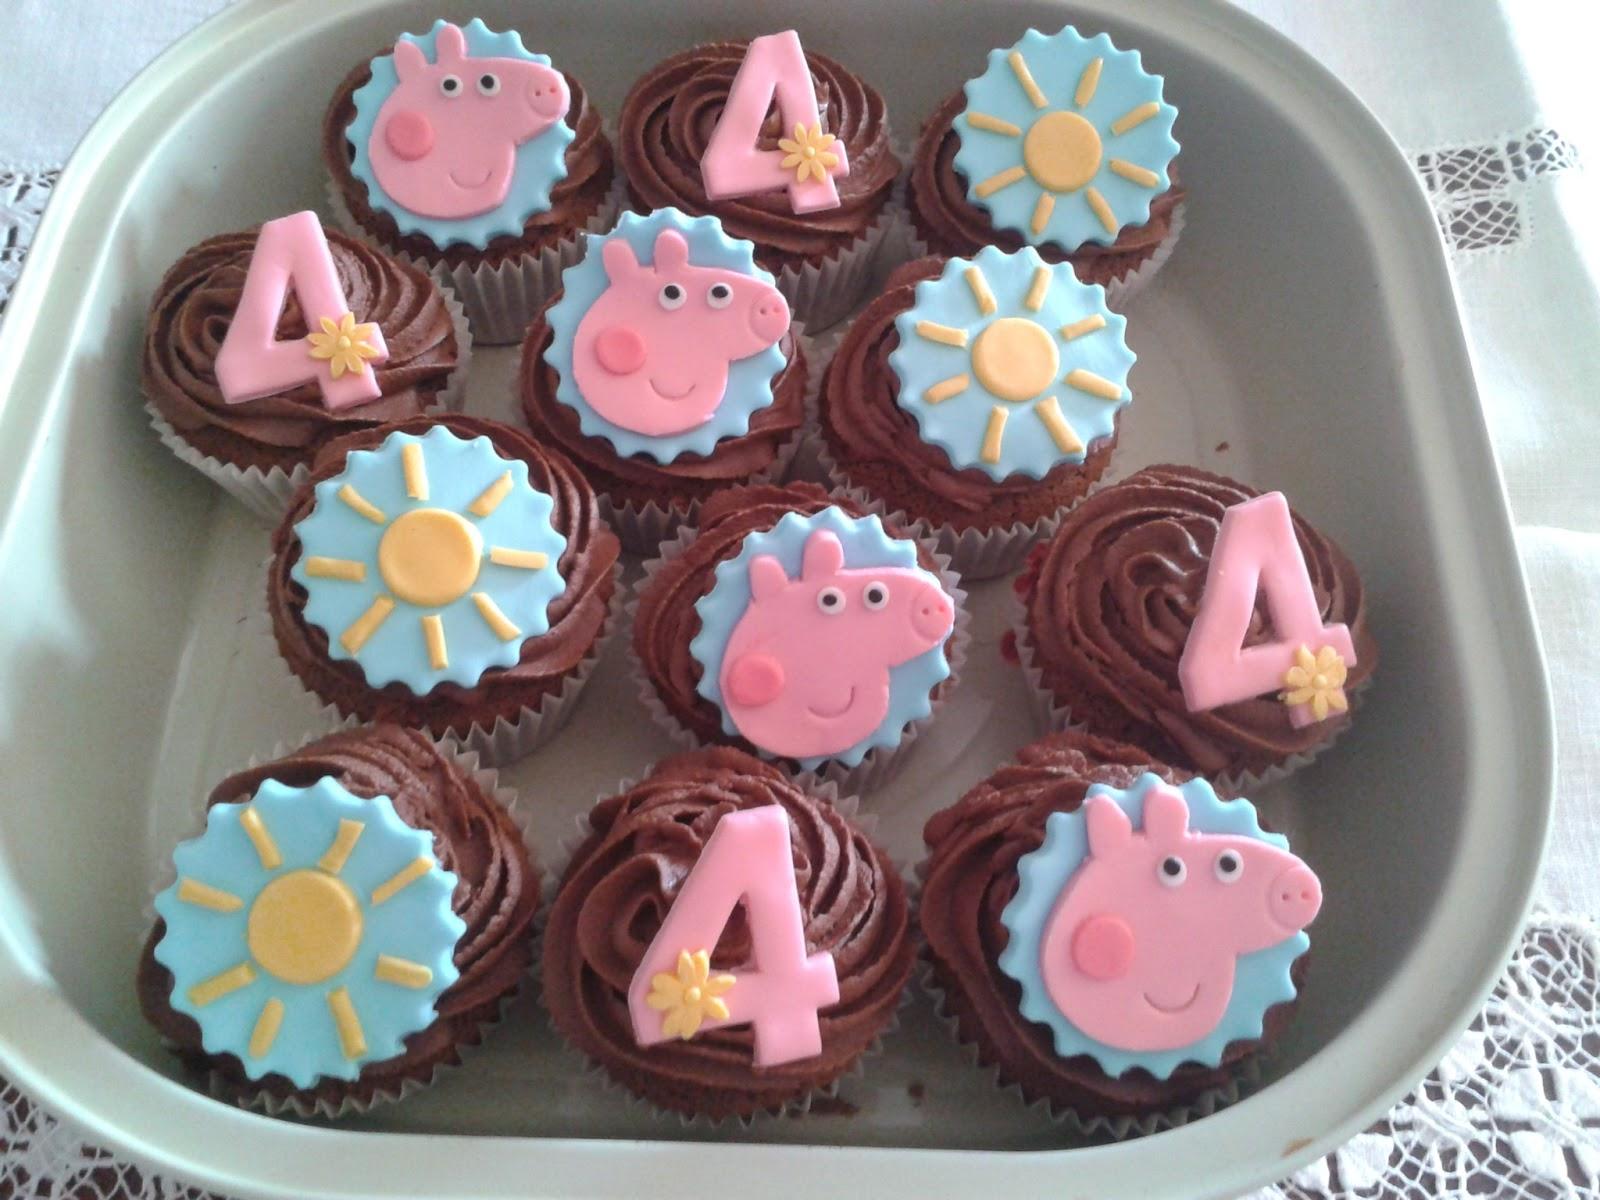 Cupcakes tenerife cupcakes de peppa pig - Cupcakes tenerife ...